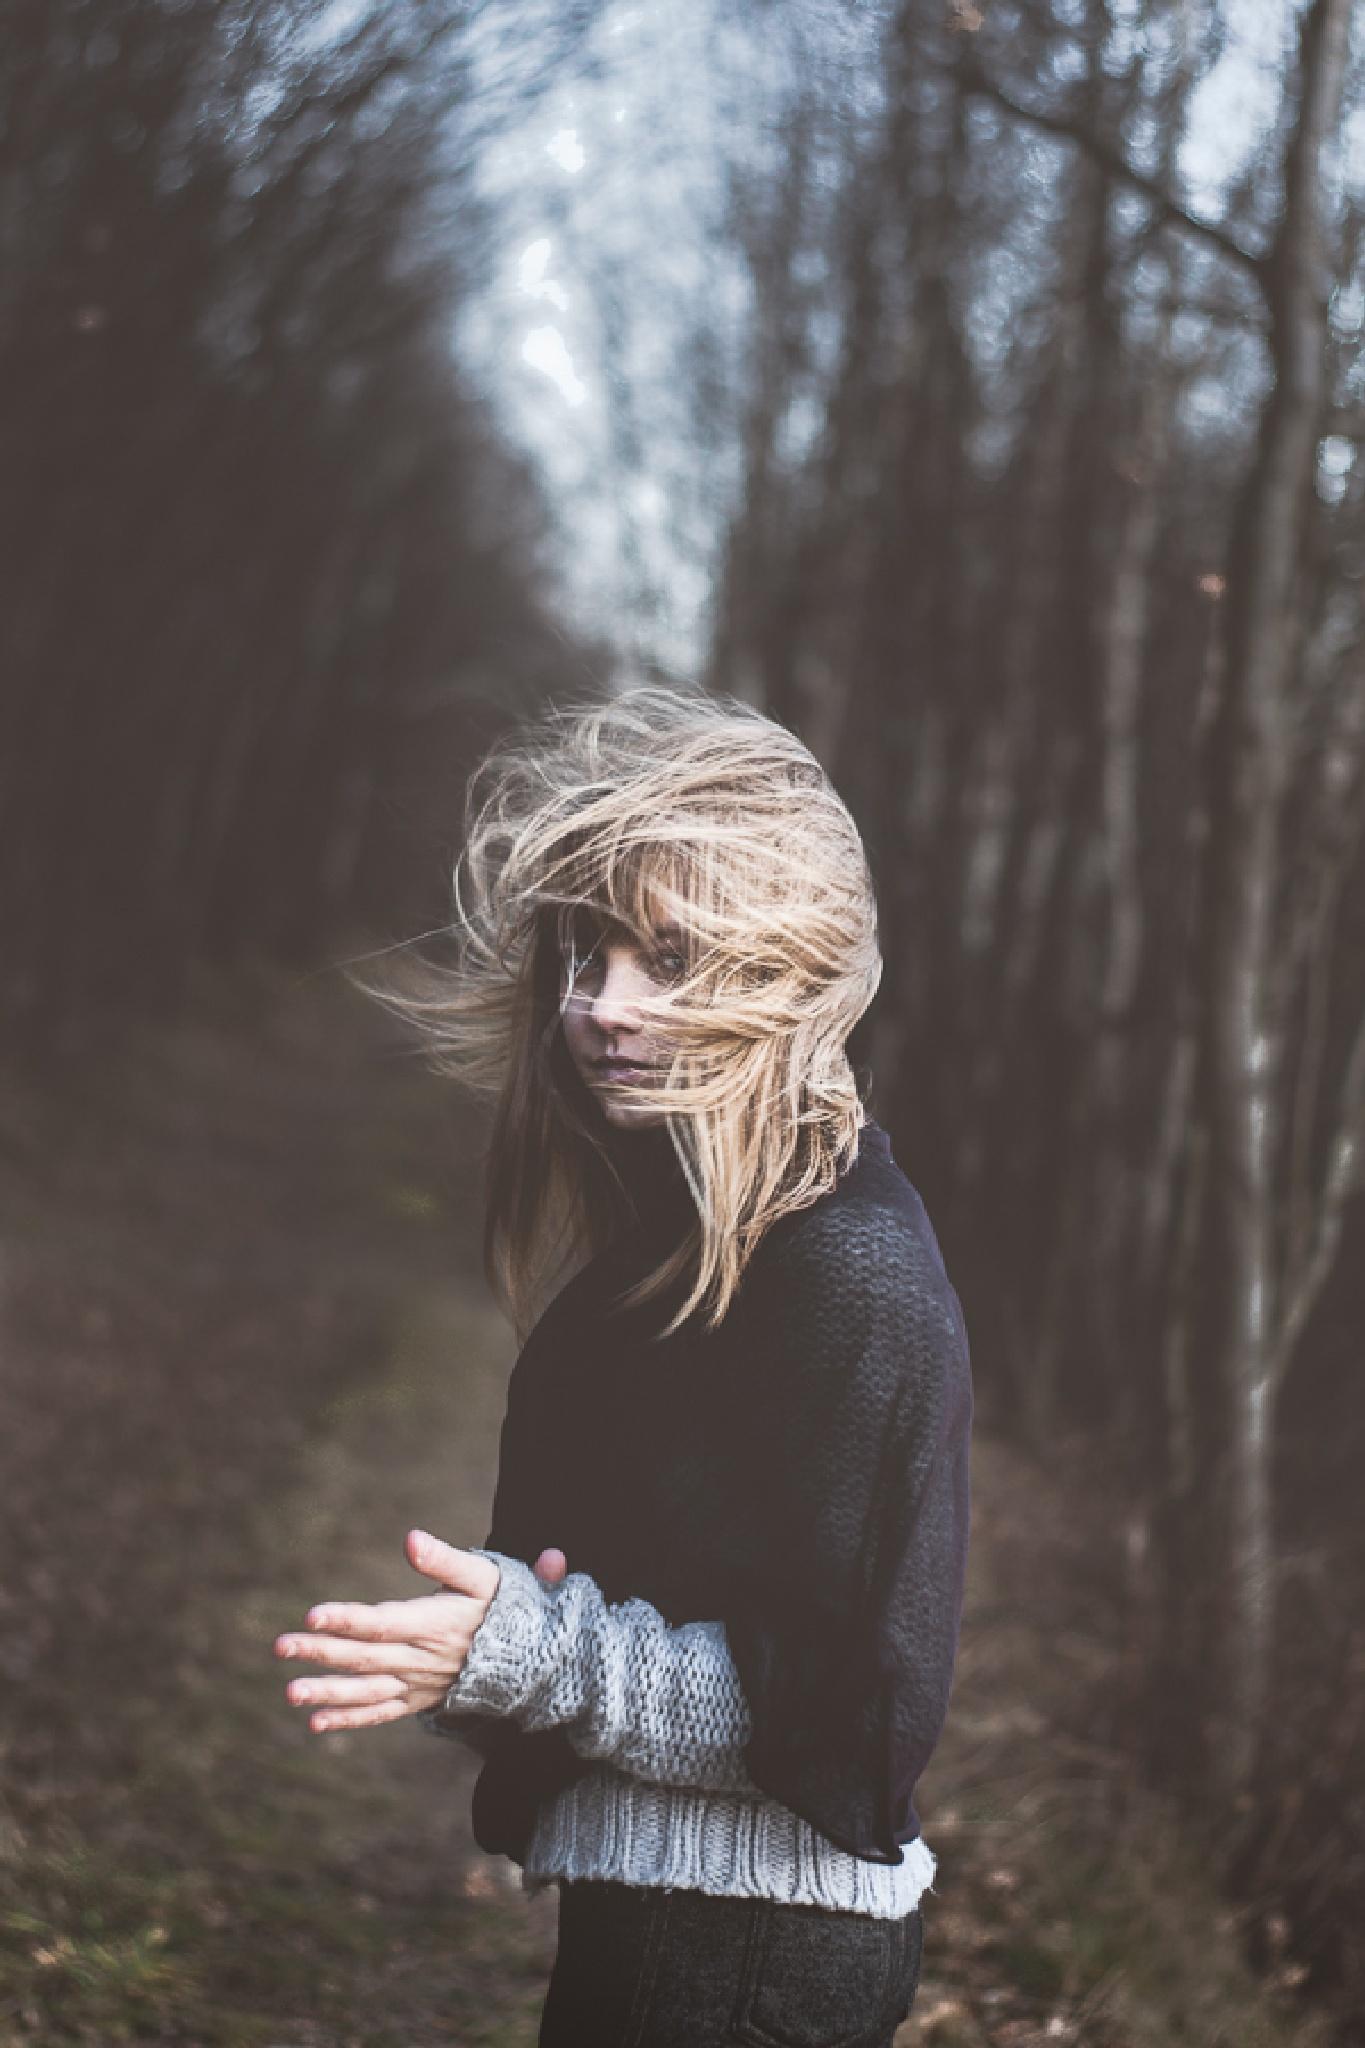 Wind by ppolakiewicz97